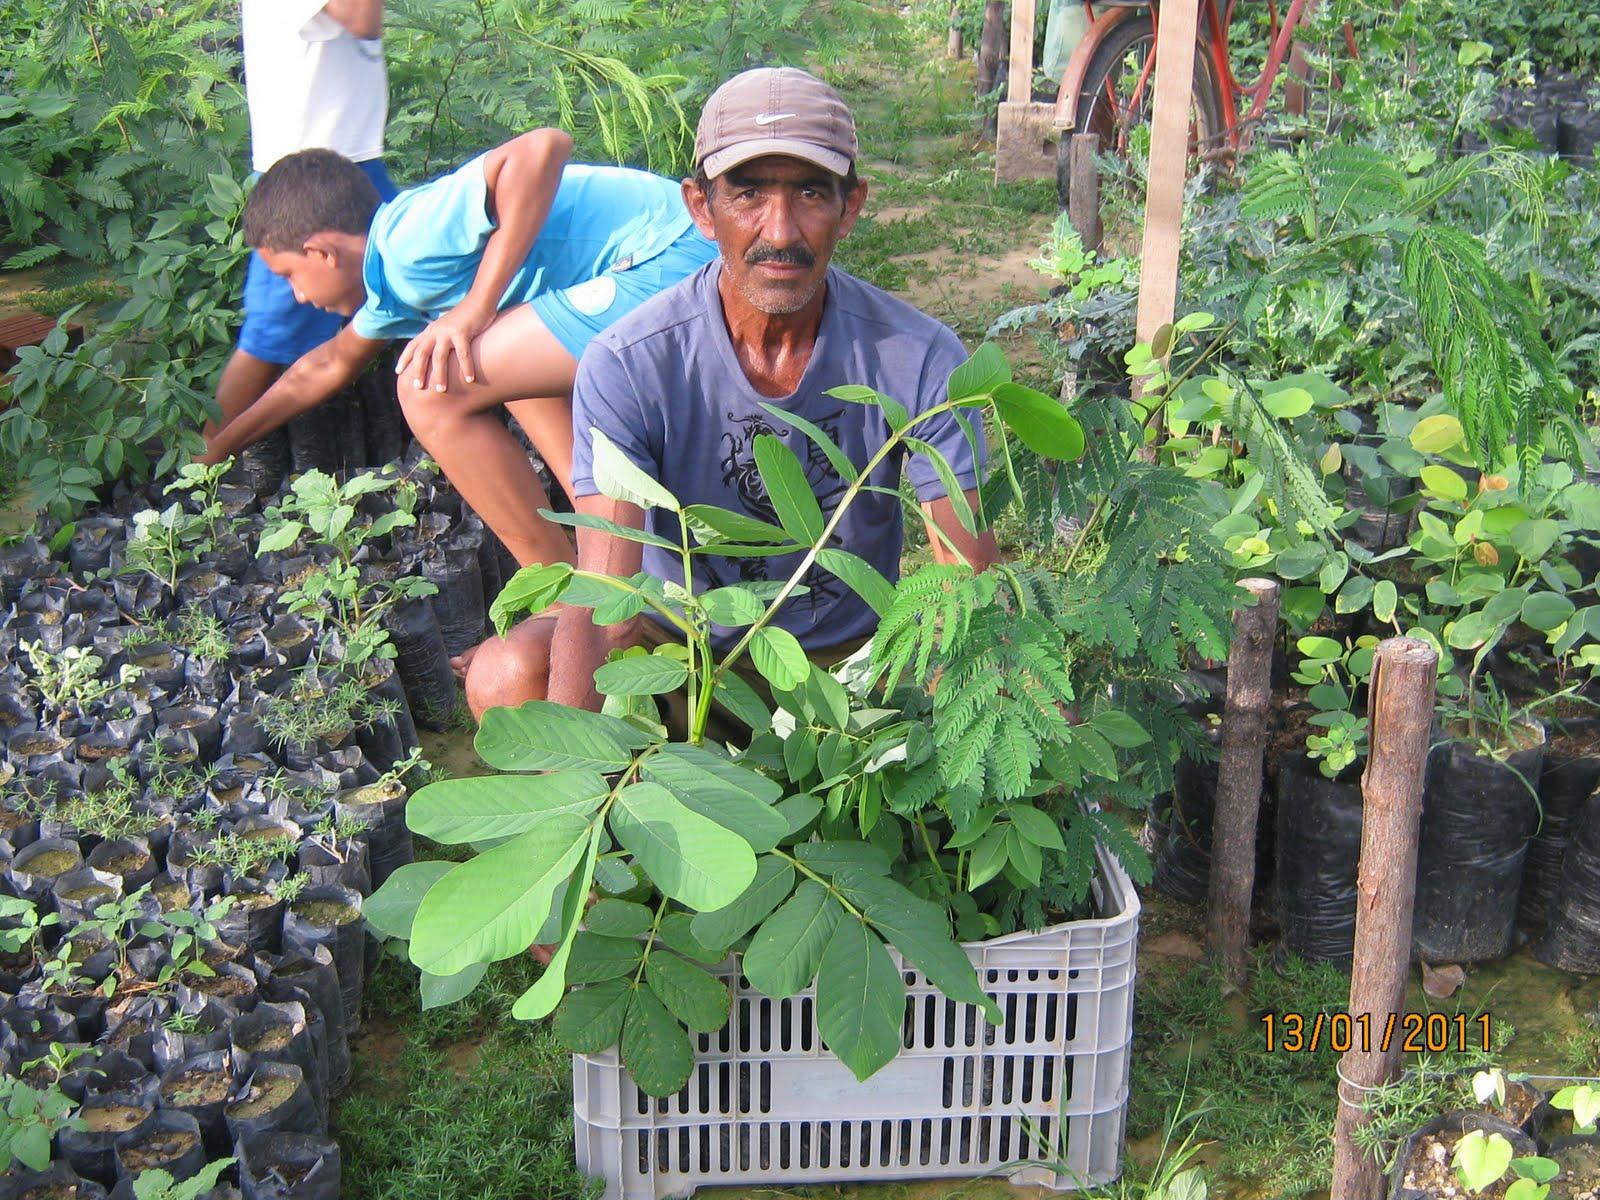 Plantas da caatinga s o usadas para alimenta o dos for Plantas exoticas online